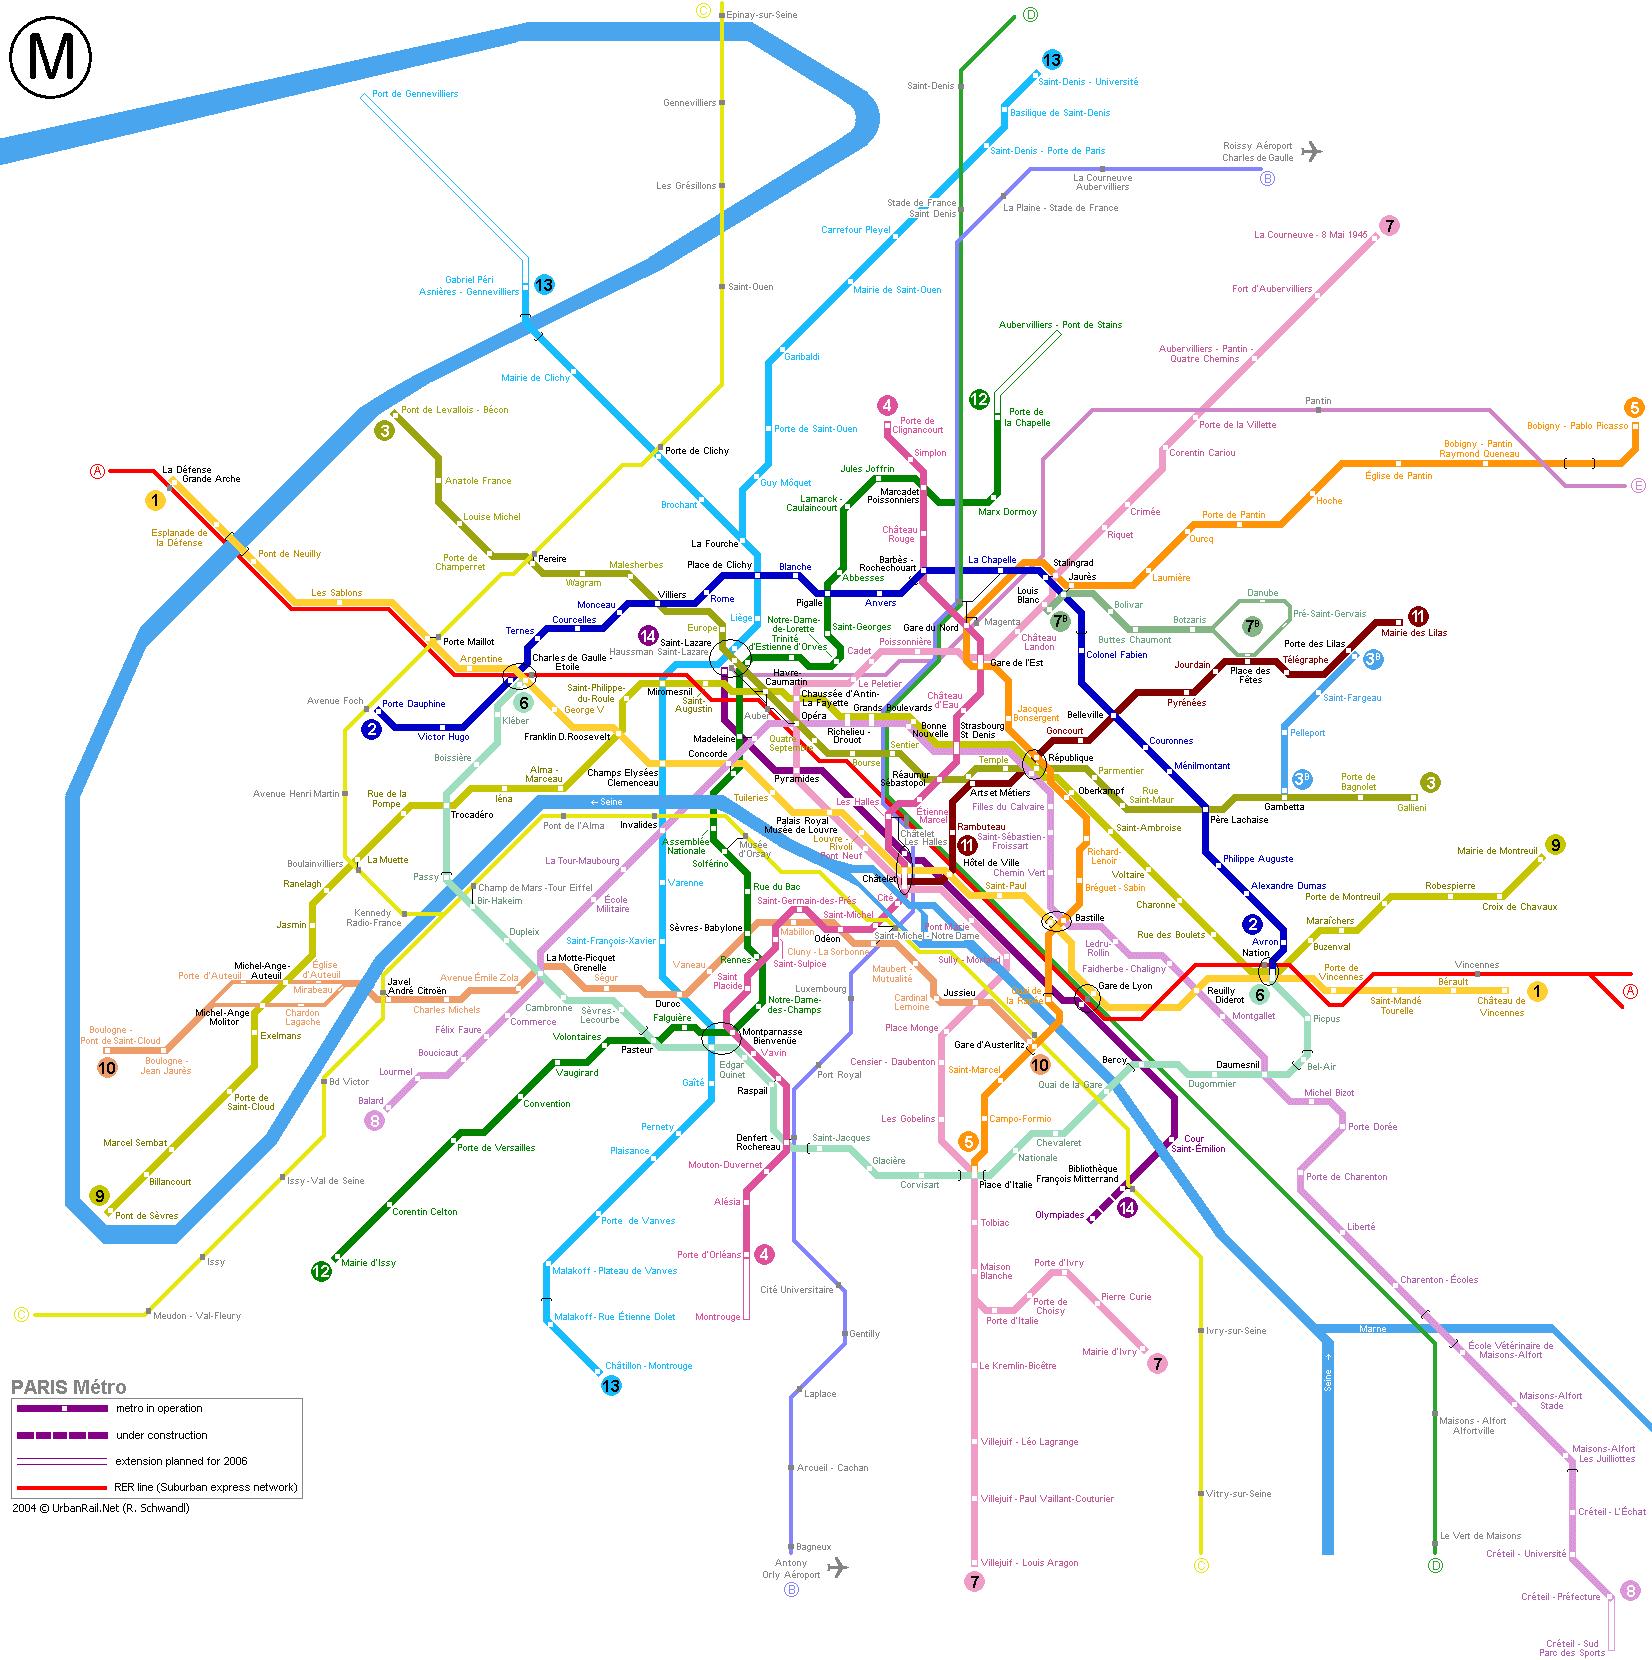 Схема метро Парижа.